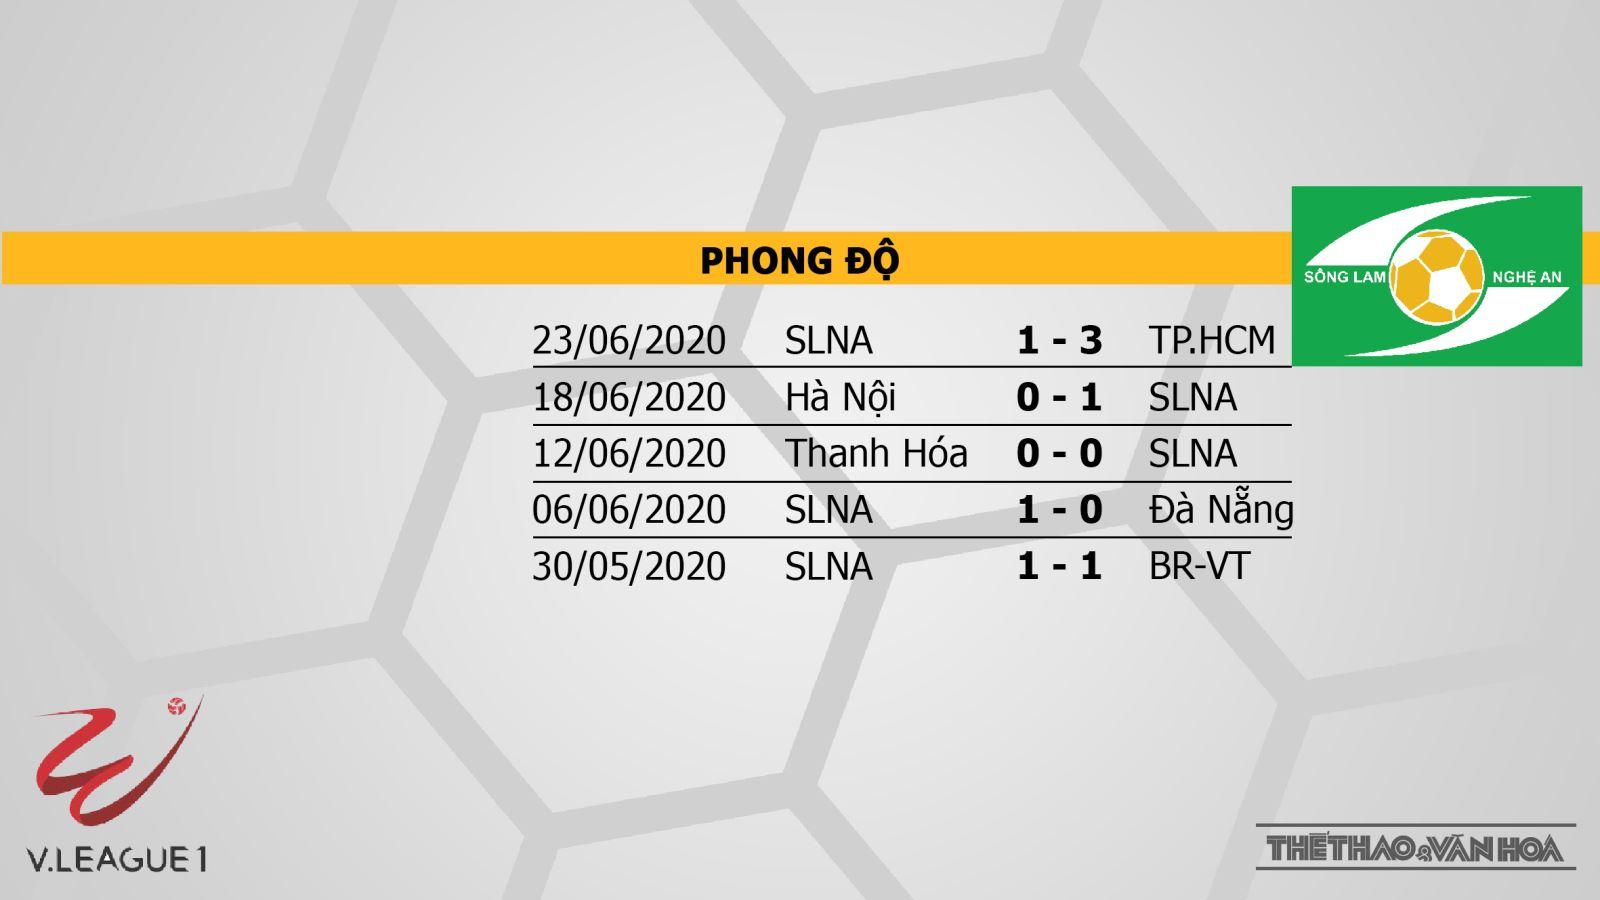 Nam Định vsSLNA, SLNA, Nam Định, trực tiếp bóng đá, bóng đá hôm nay, trực tiếp Nam Định vs SLNA, V-League, soi kèo, kèo bóng đá